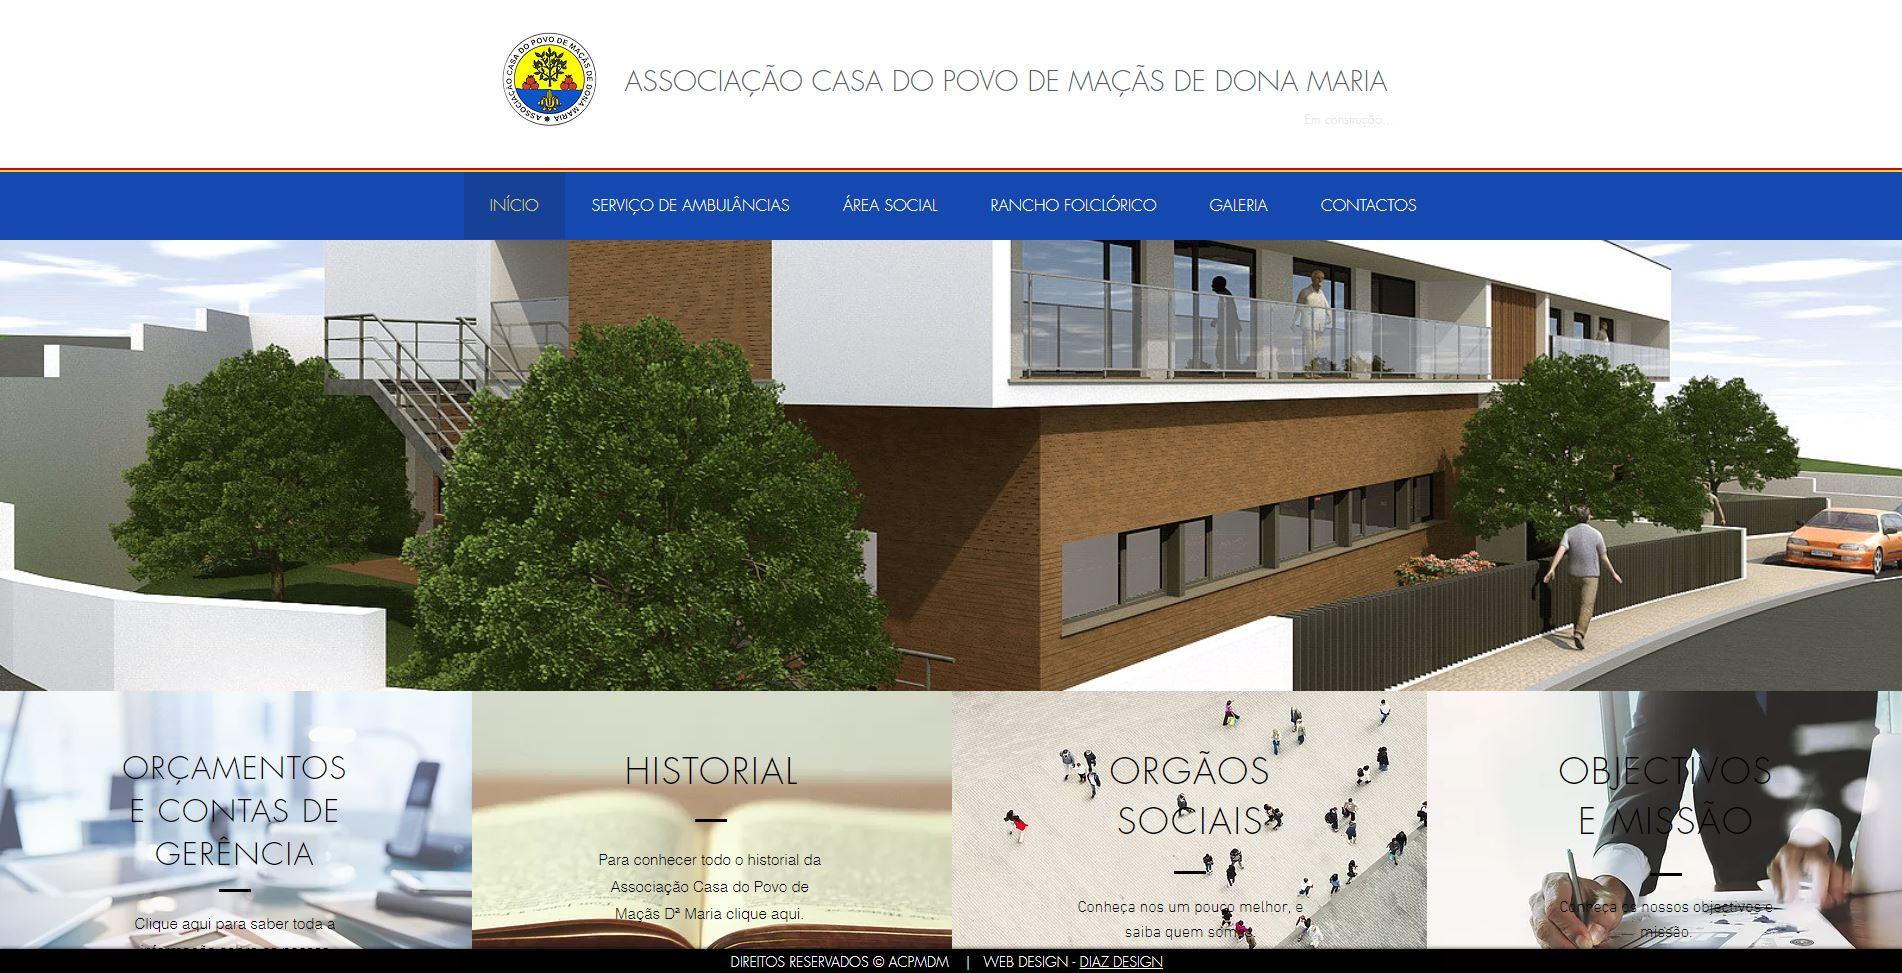 W - ASSOCIAÇÃO CASA DO POVO MAÇÃS Dª